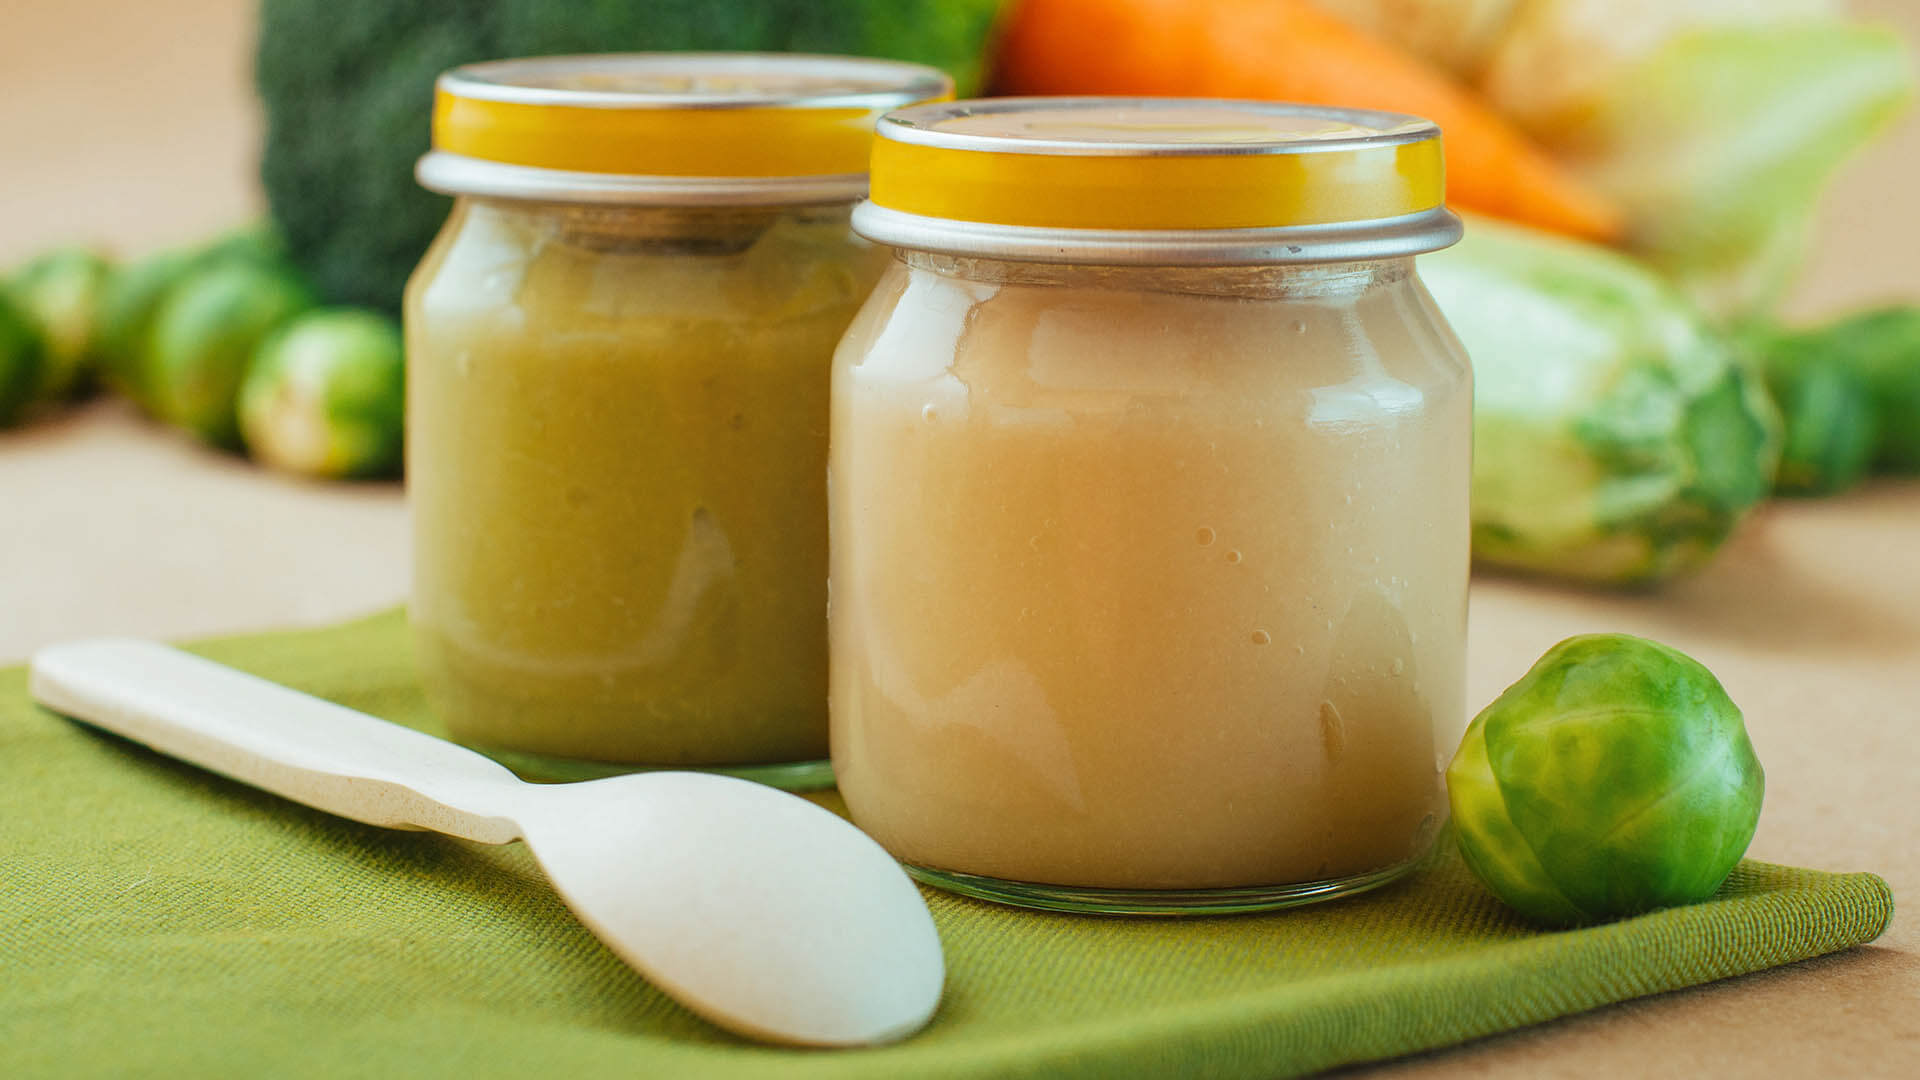 Baby food natural vitamin e